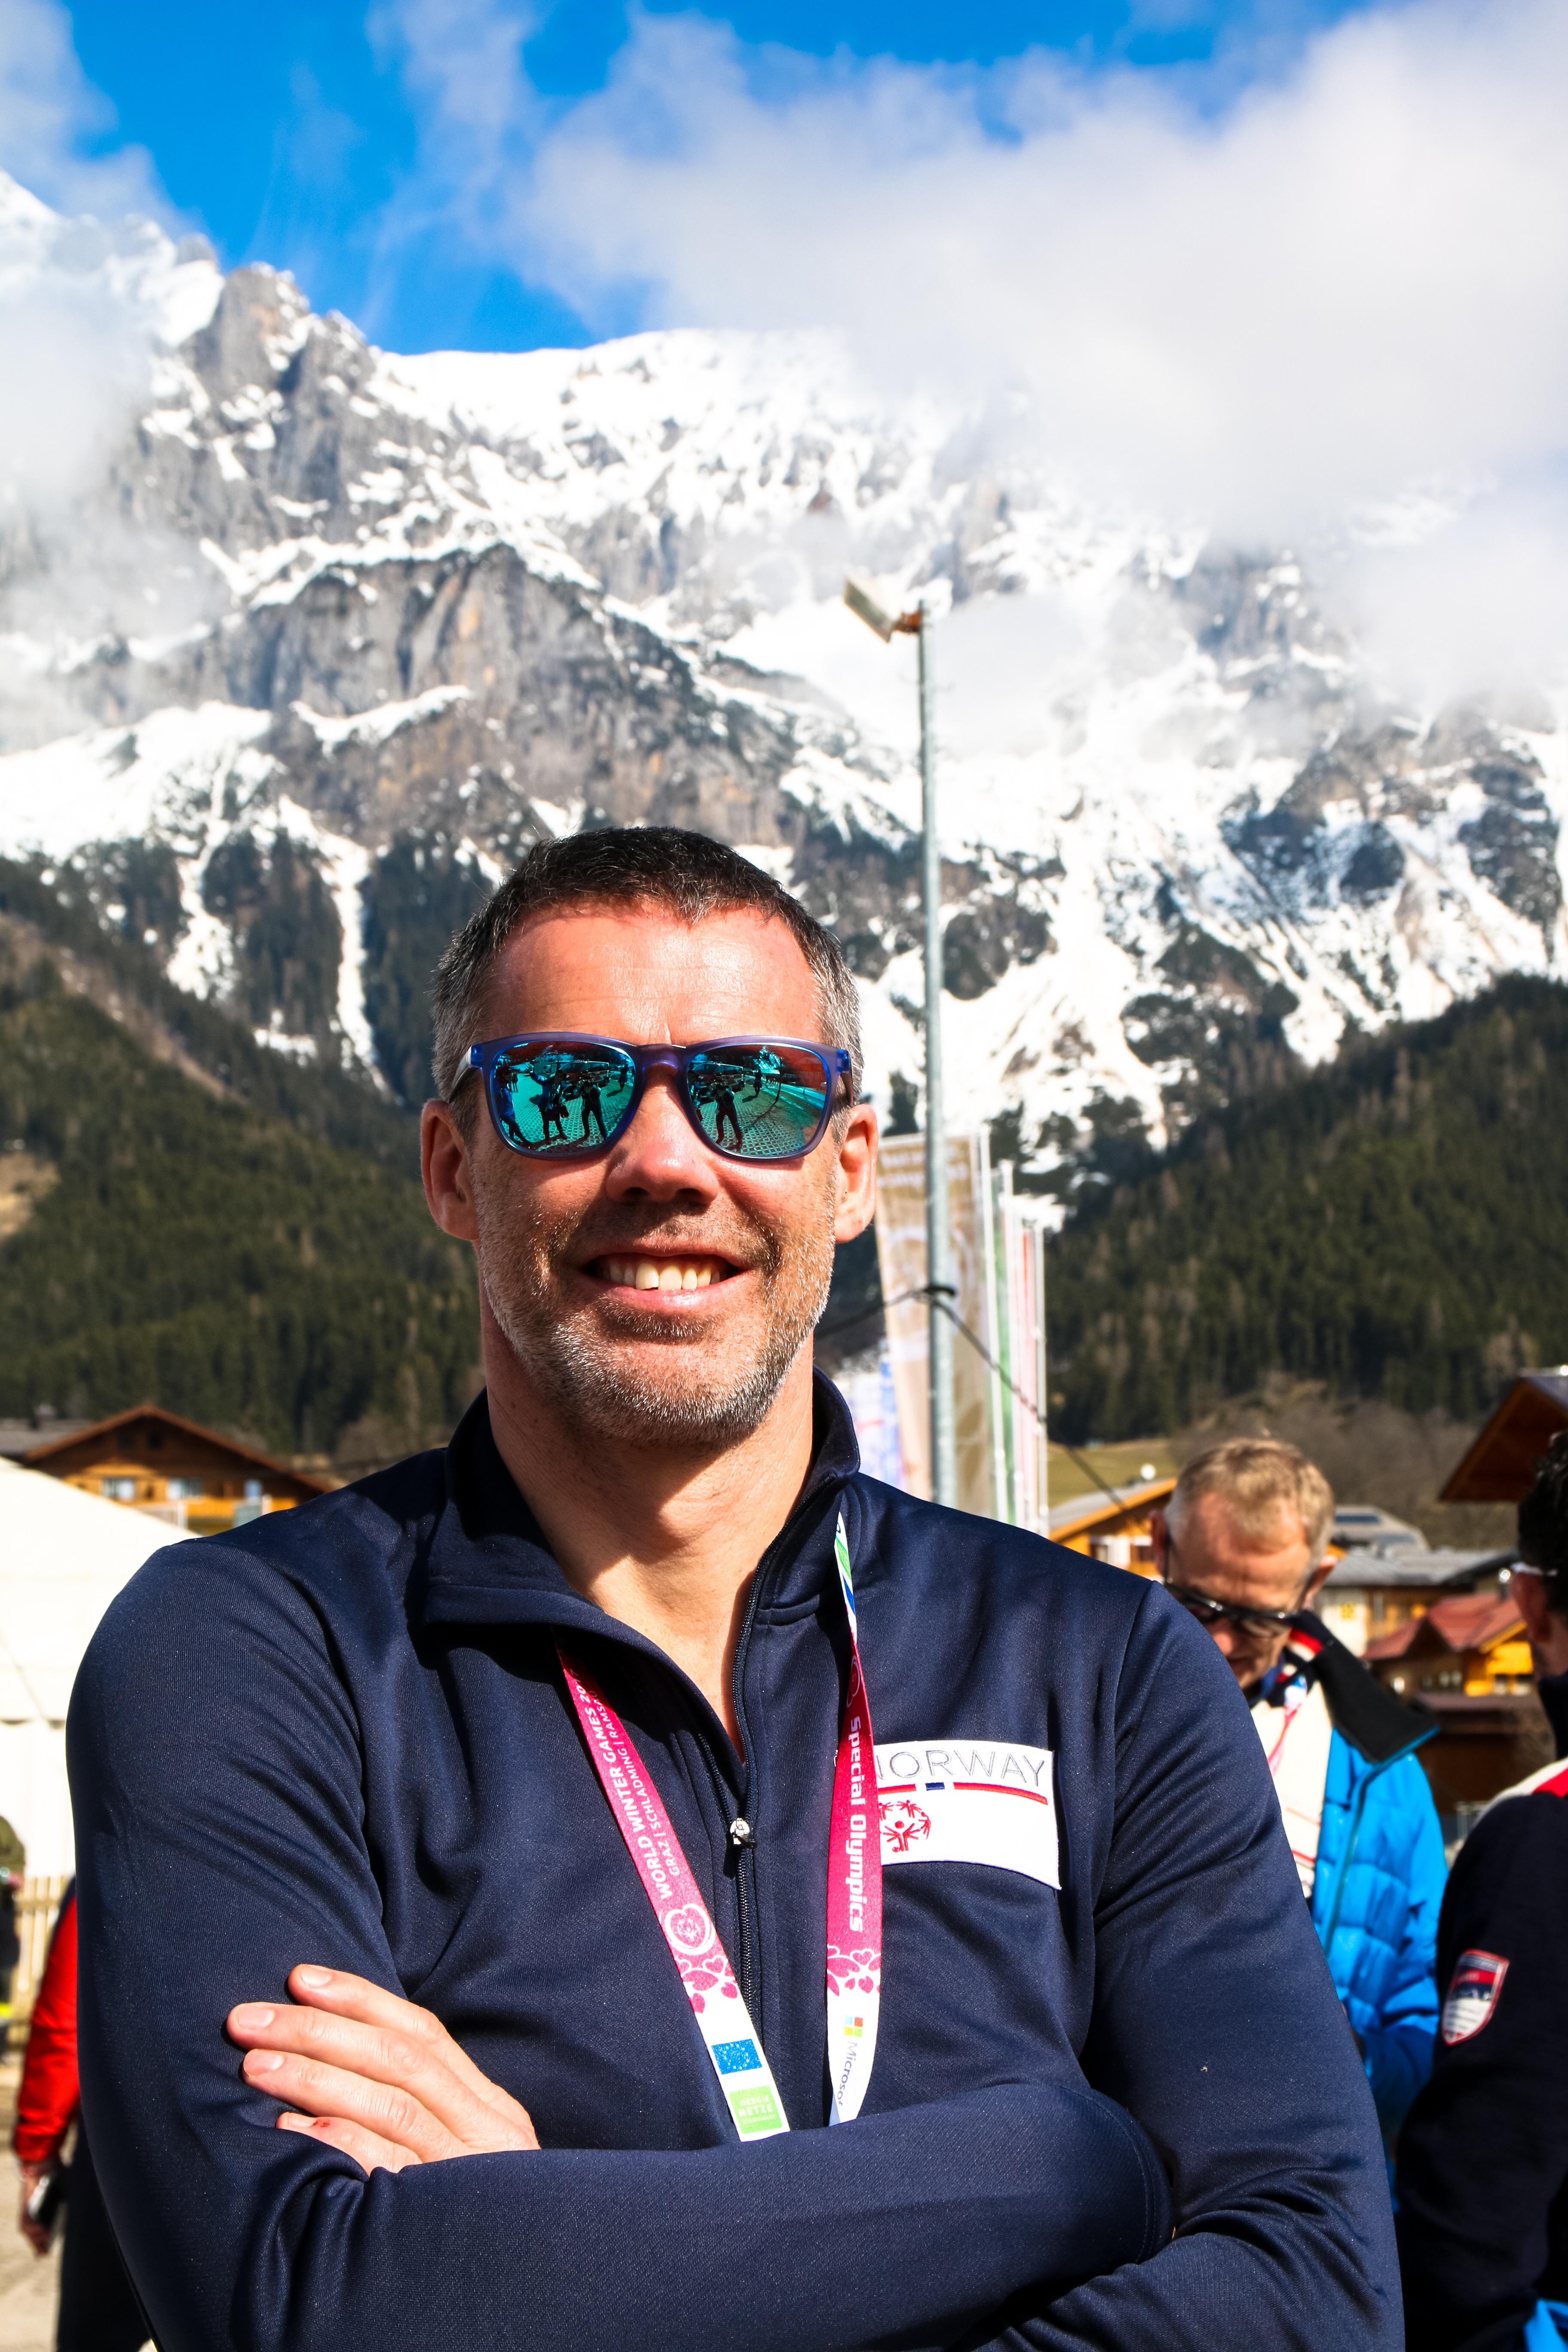 中挪两国冬奥会合作值得期待 对话挪威奥委员会及残奥会市场总监